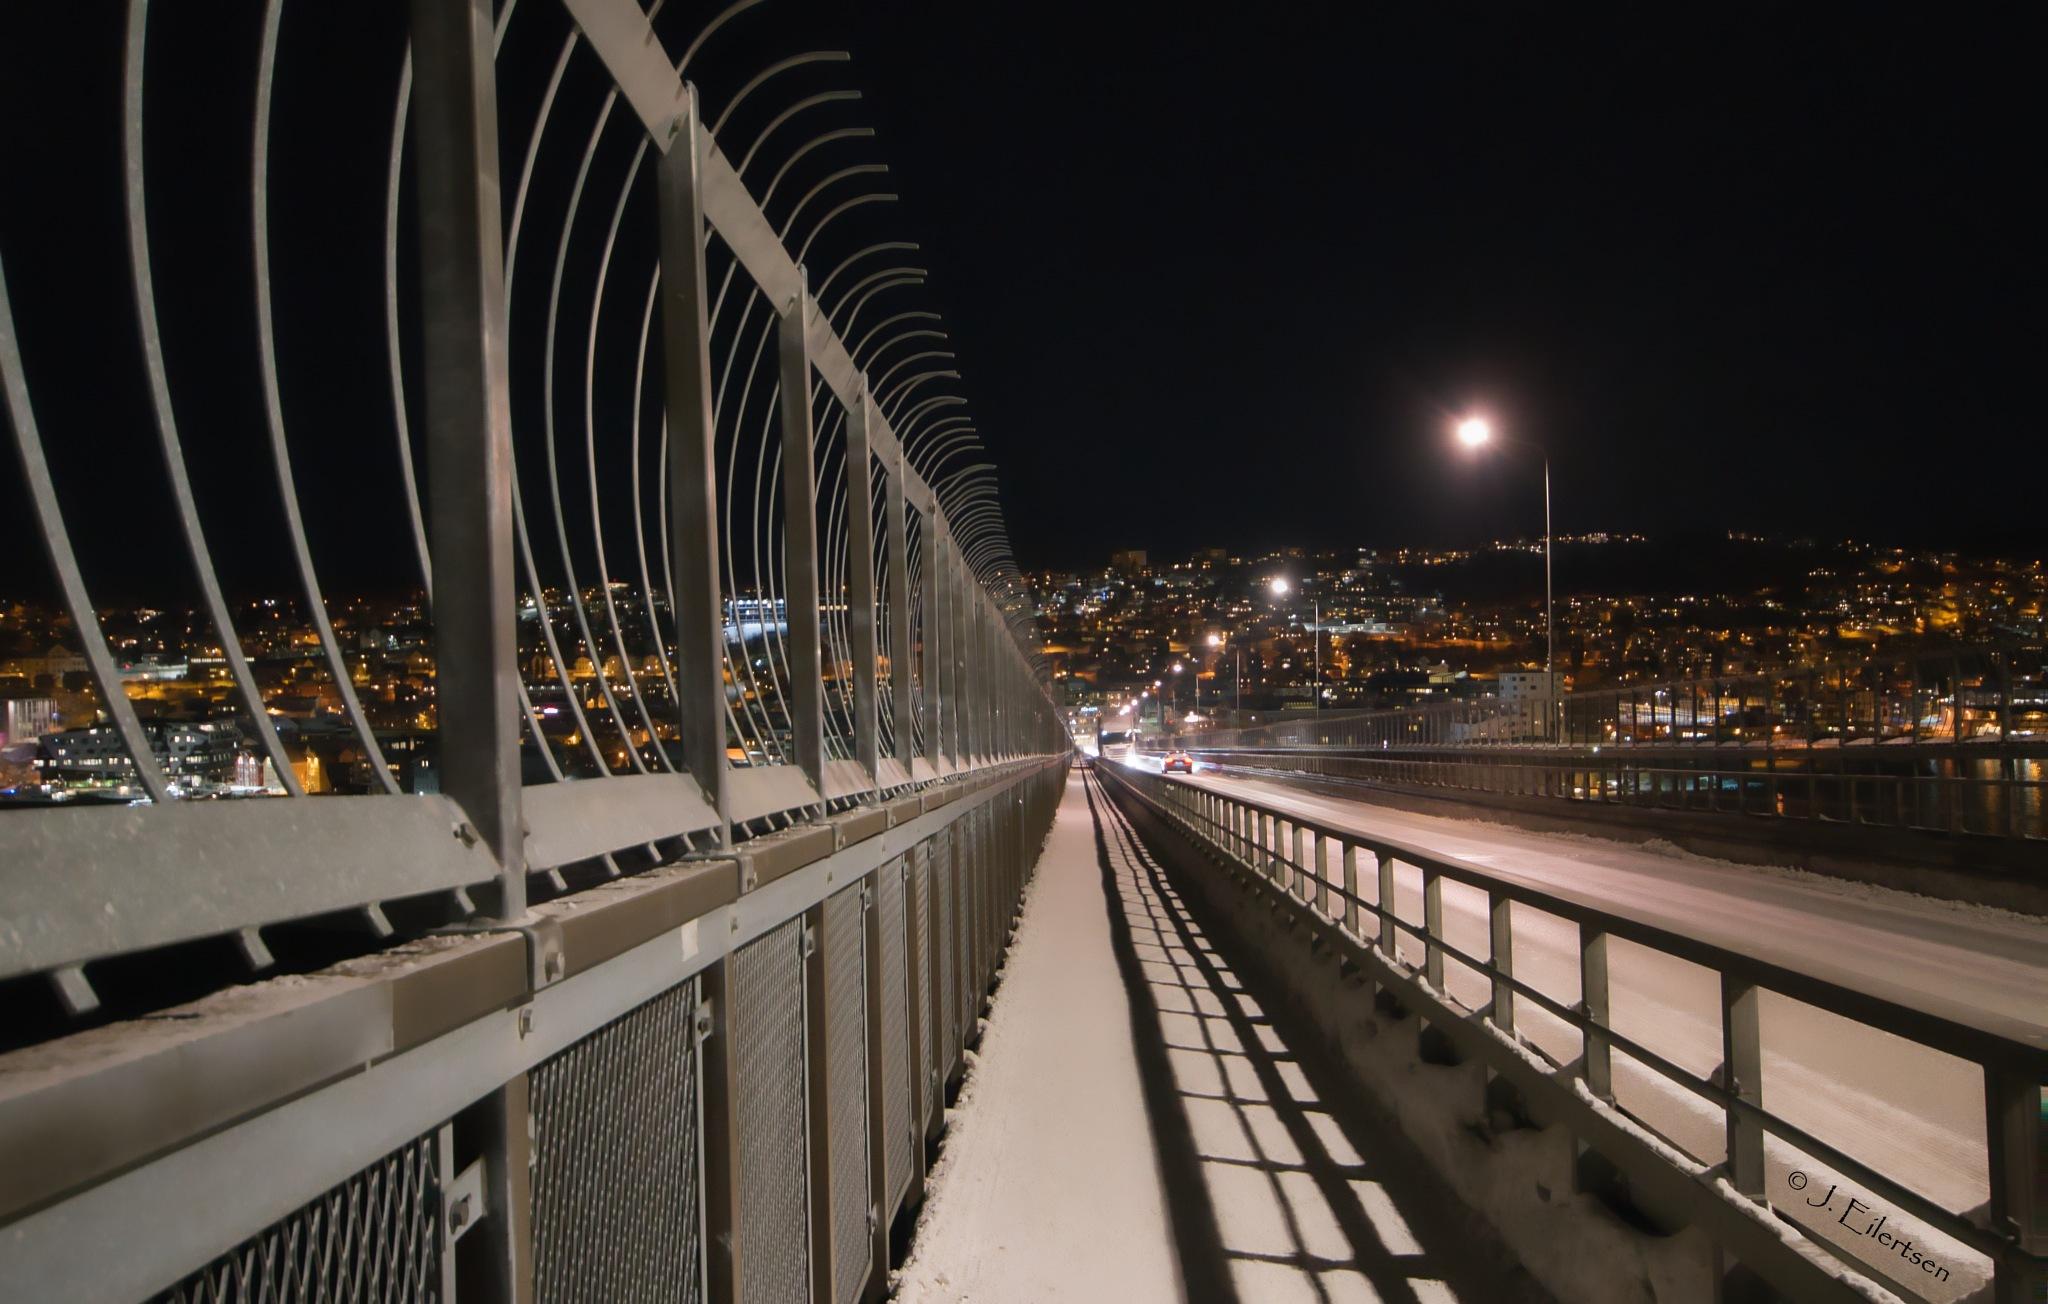 On the bridge.  by joeilert